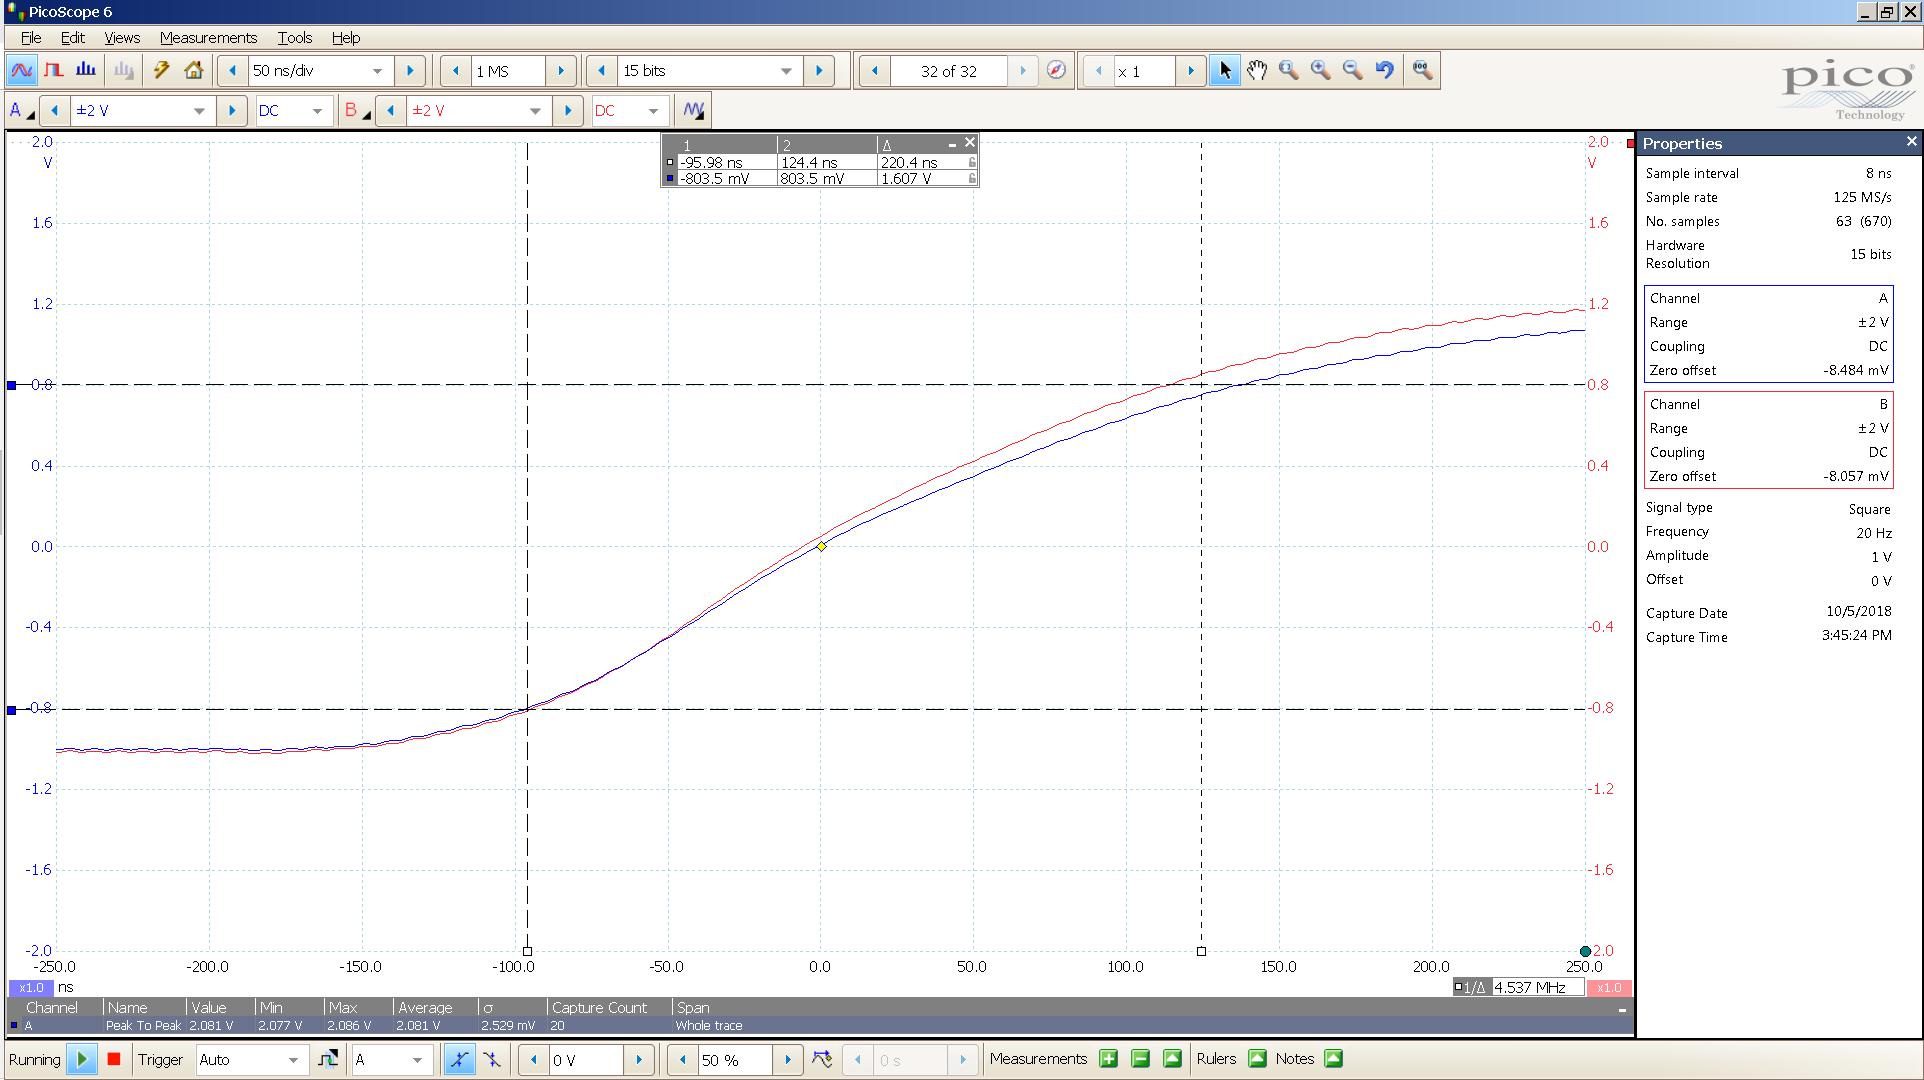 20181005 SigGen spark 20 Hz square 2000mVpp 1uS div 20MHz filter 30R - BW calc.png